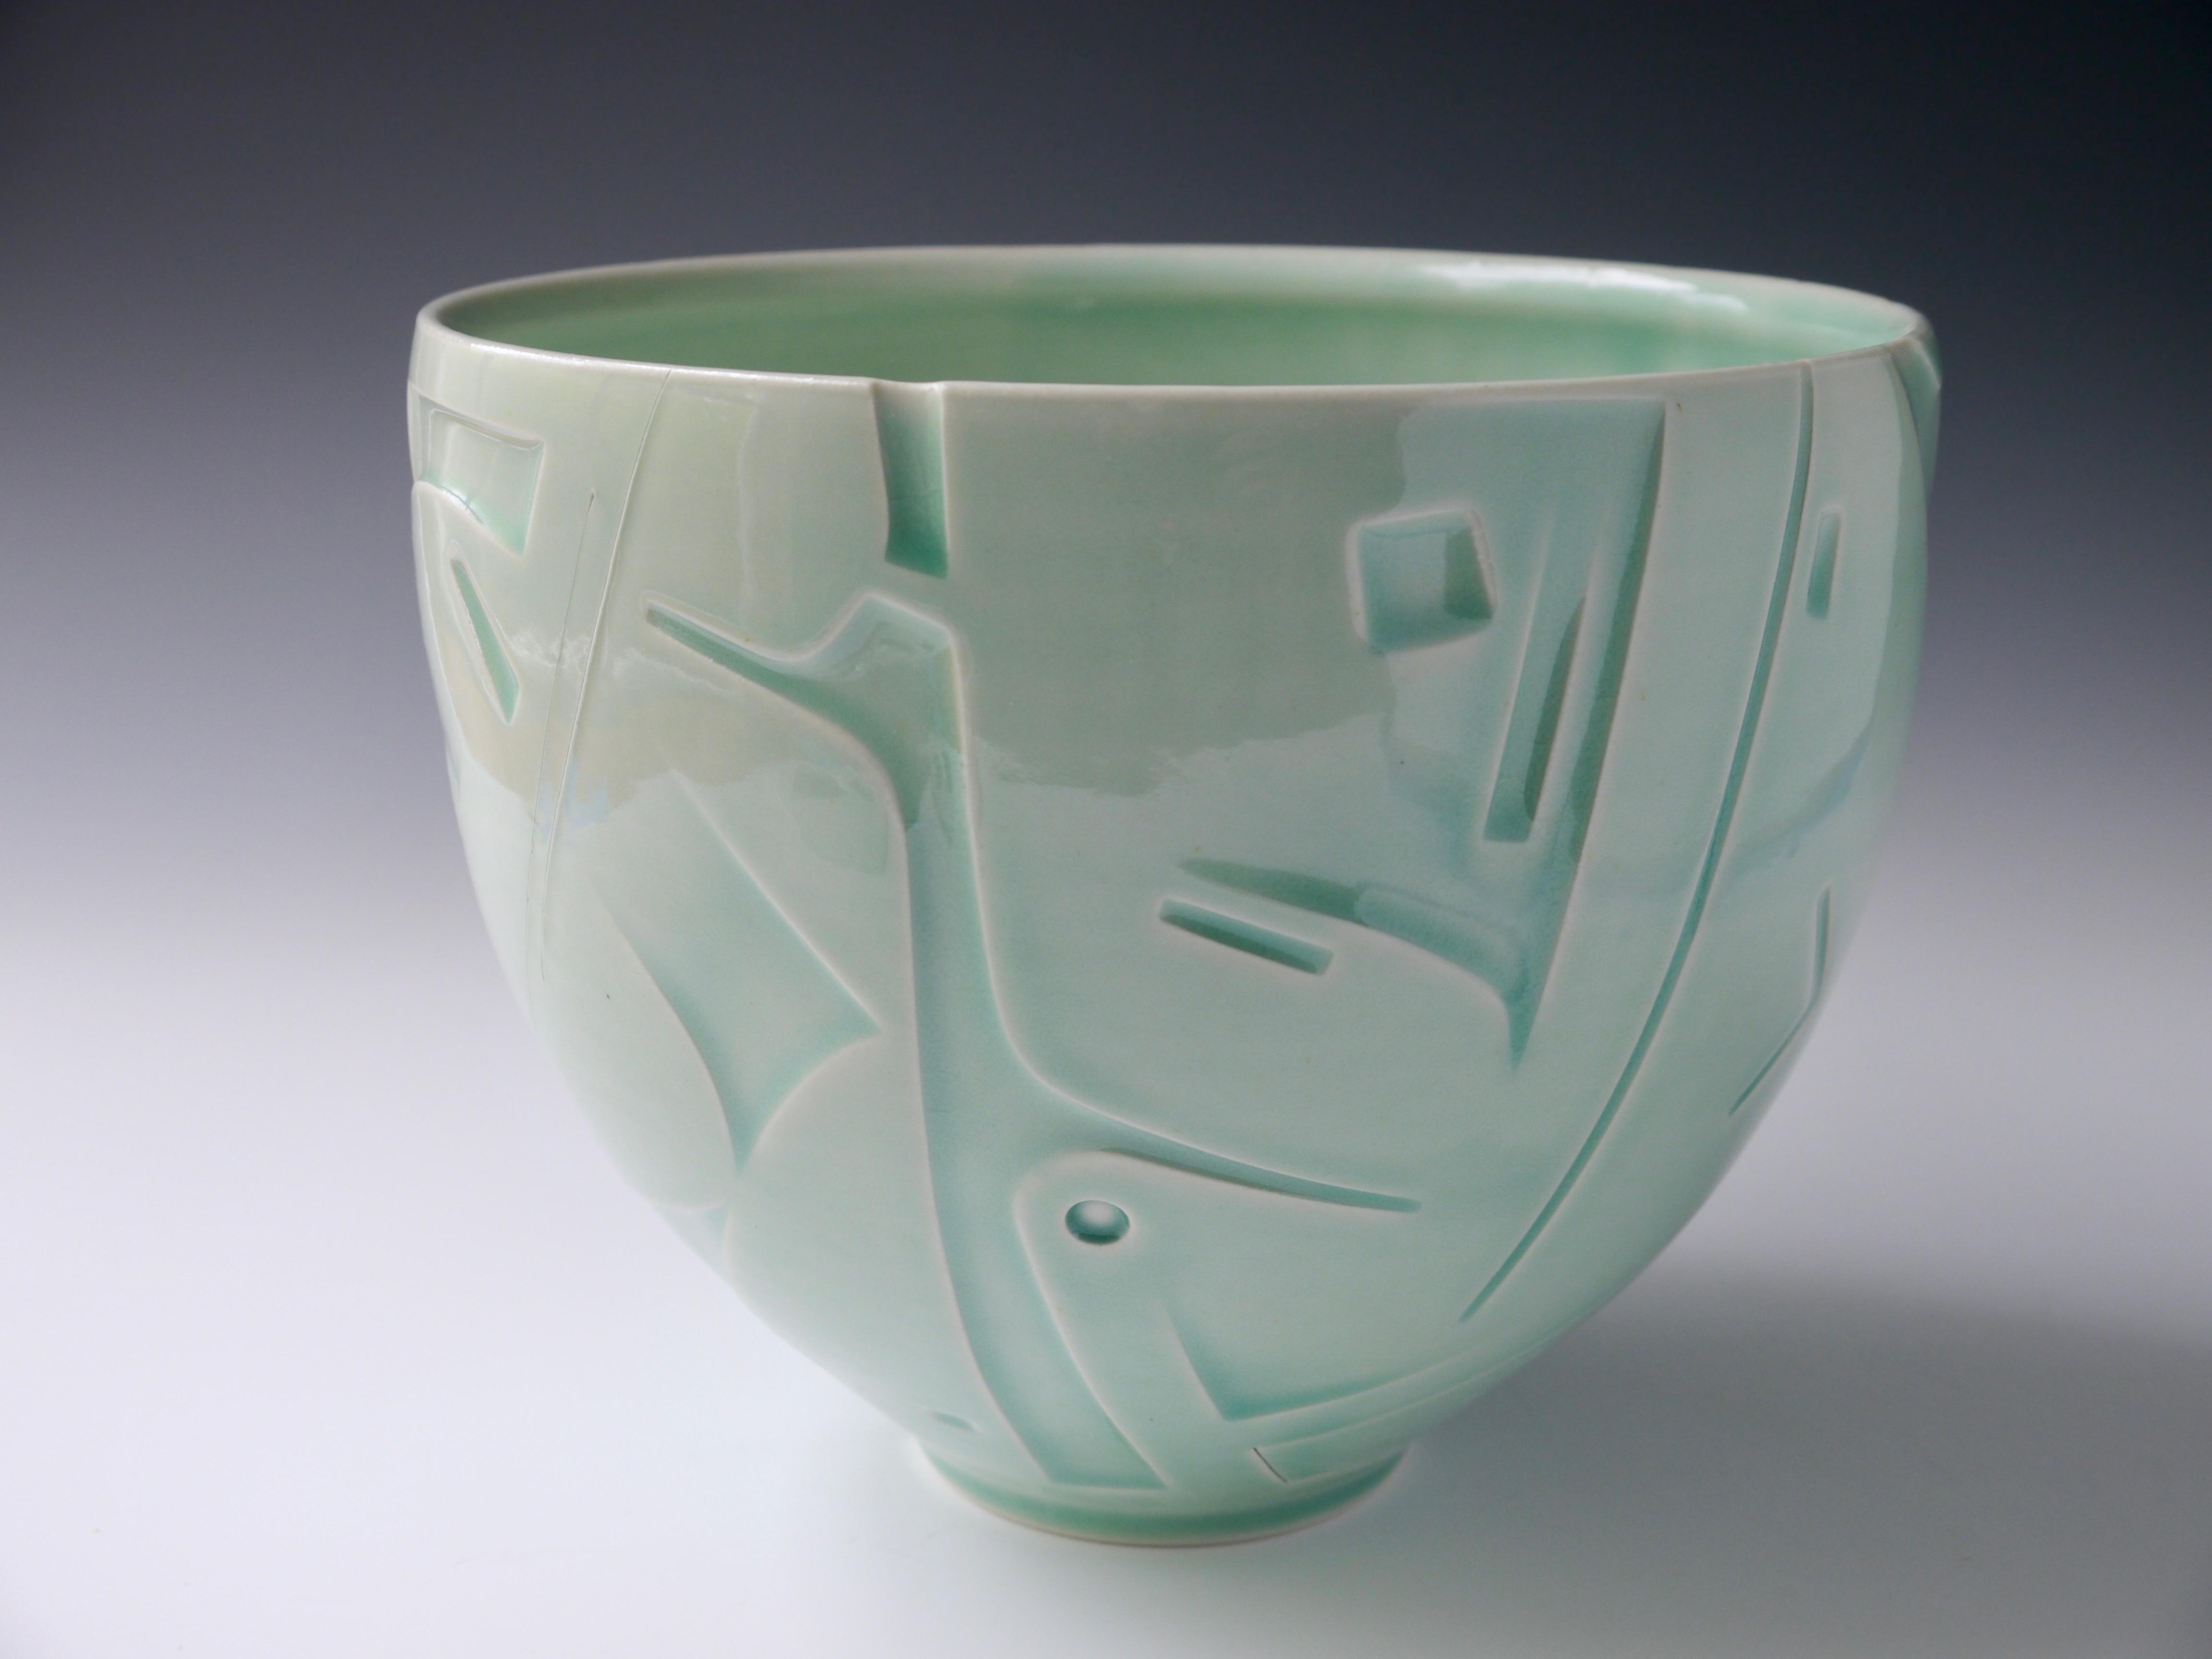 celadon-bowl-2.jpg